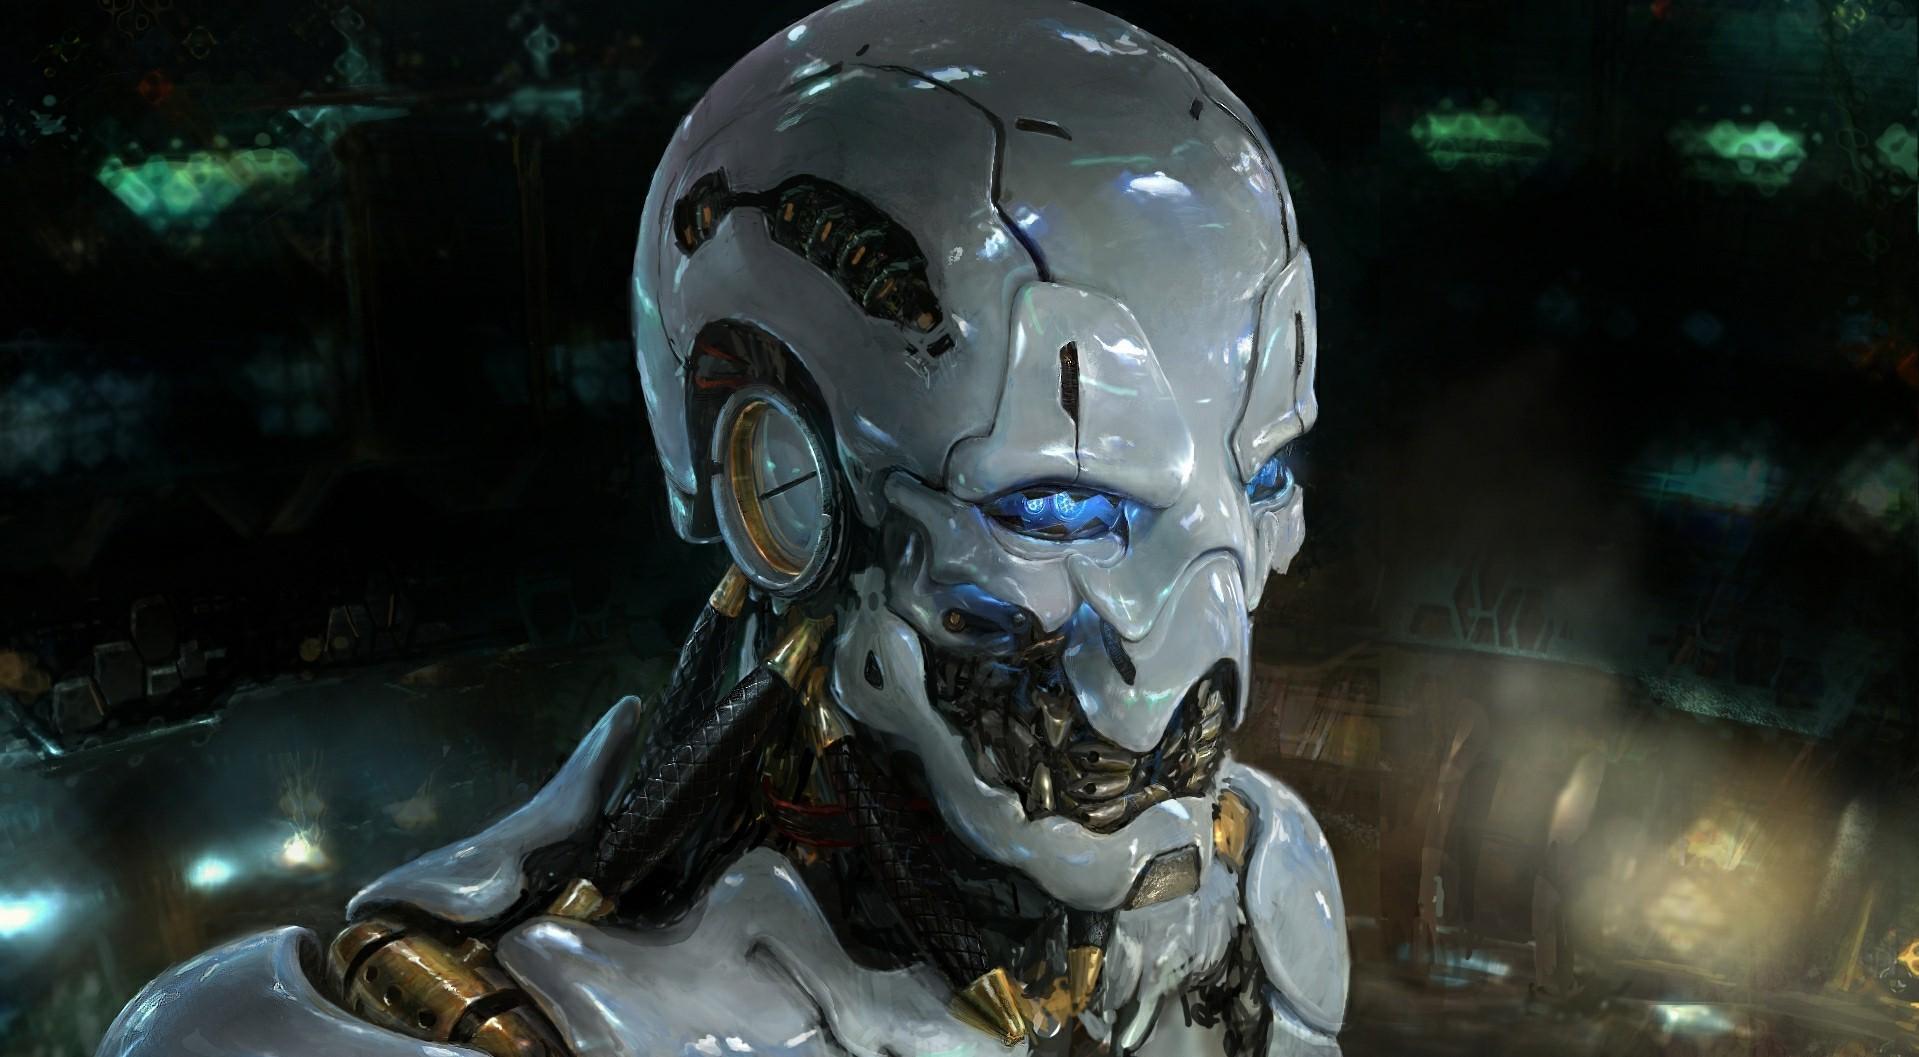 фотопространство инопланетные роботы картинки объявлений подработке работе